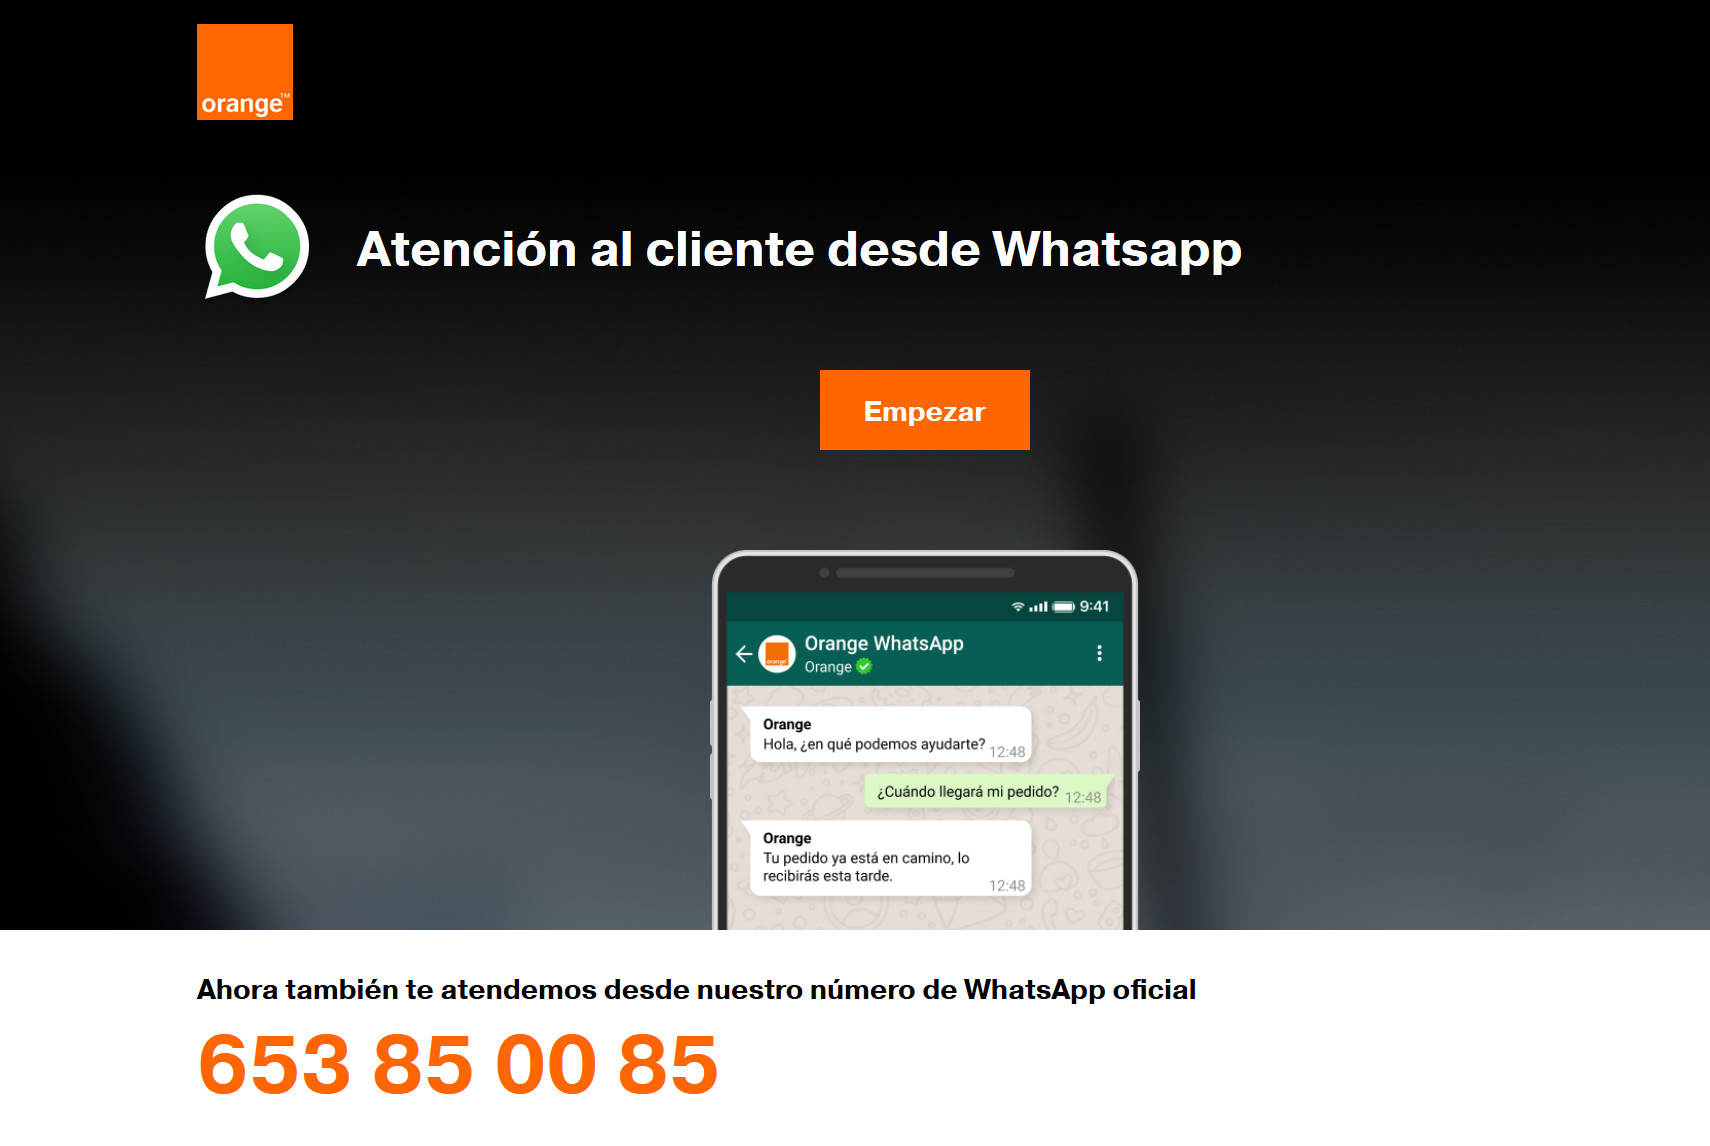 atención al cliente en Whatspp